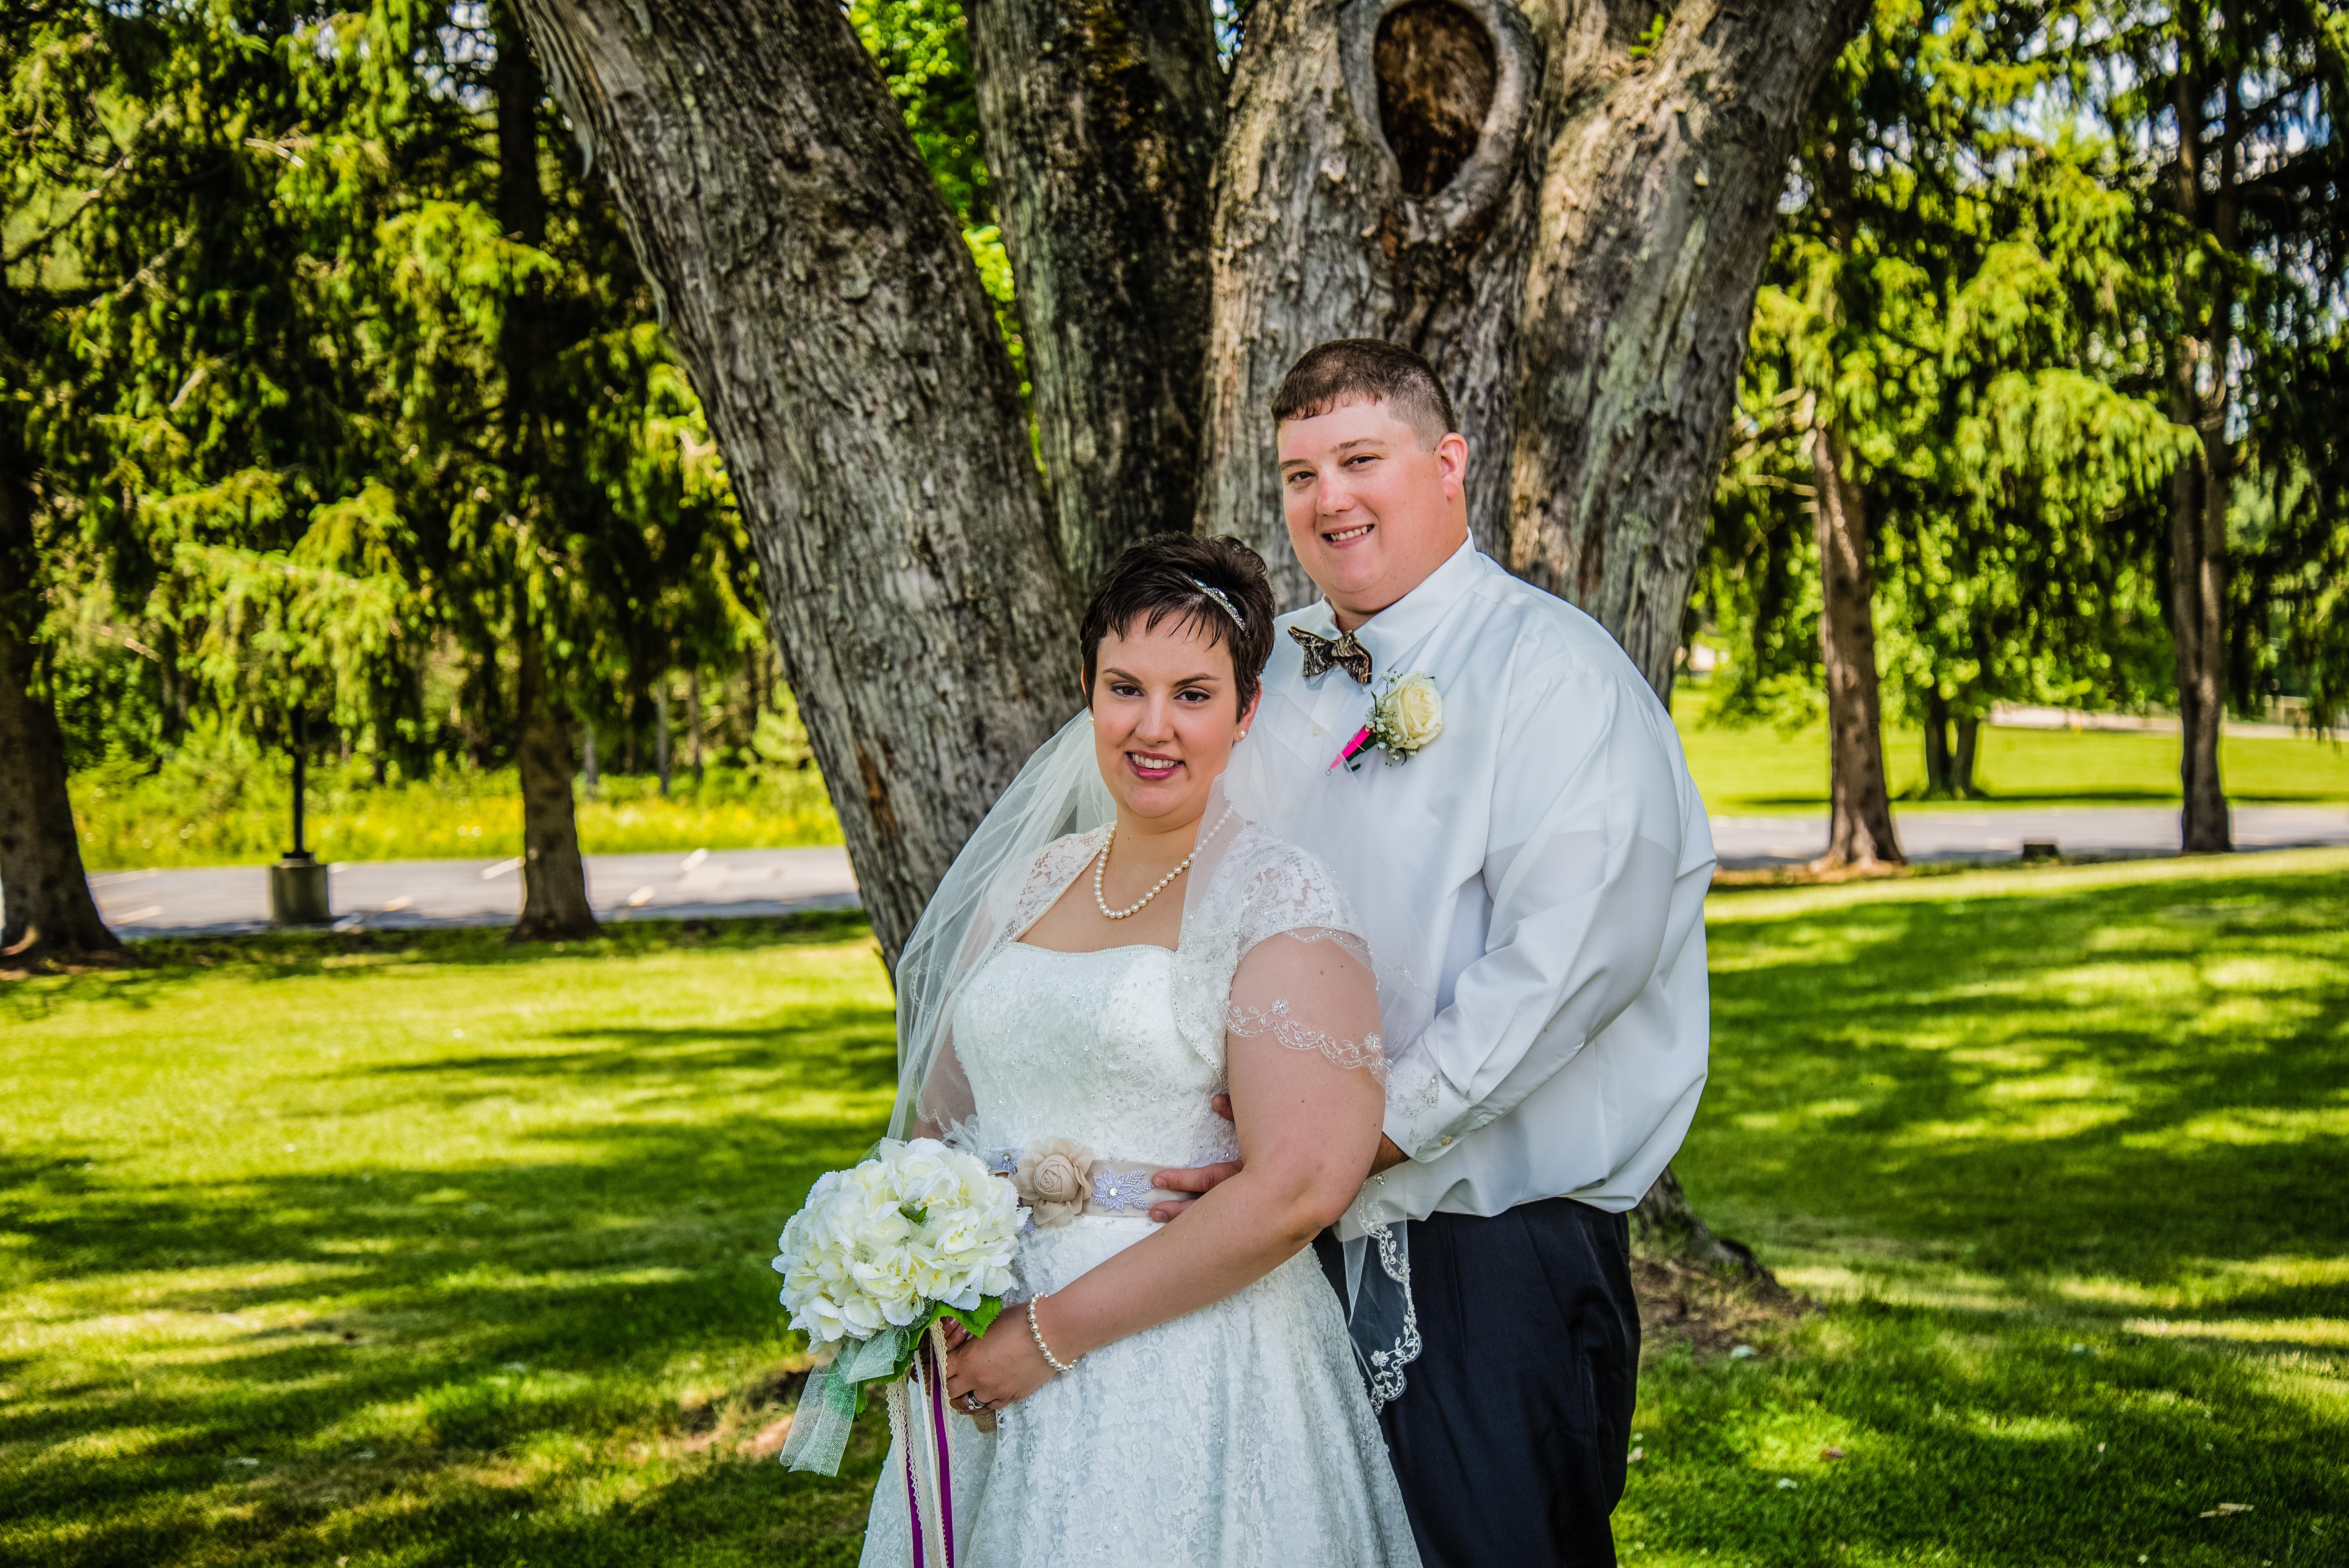 DeweyPhotography_Weddings_Binghamton_NY-39